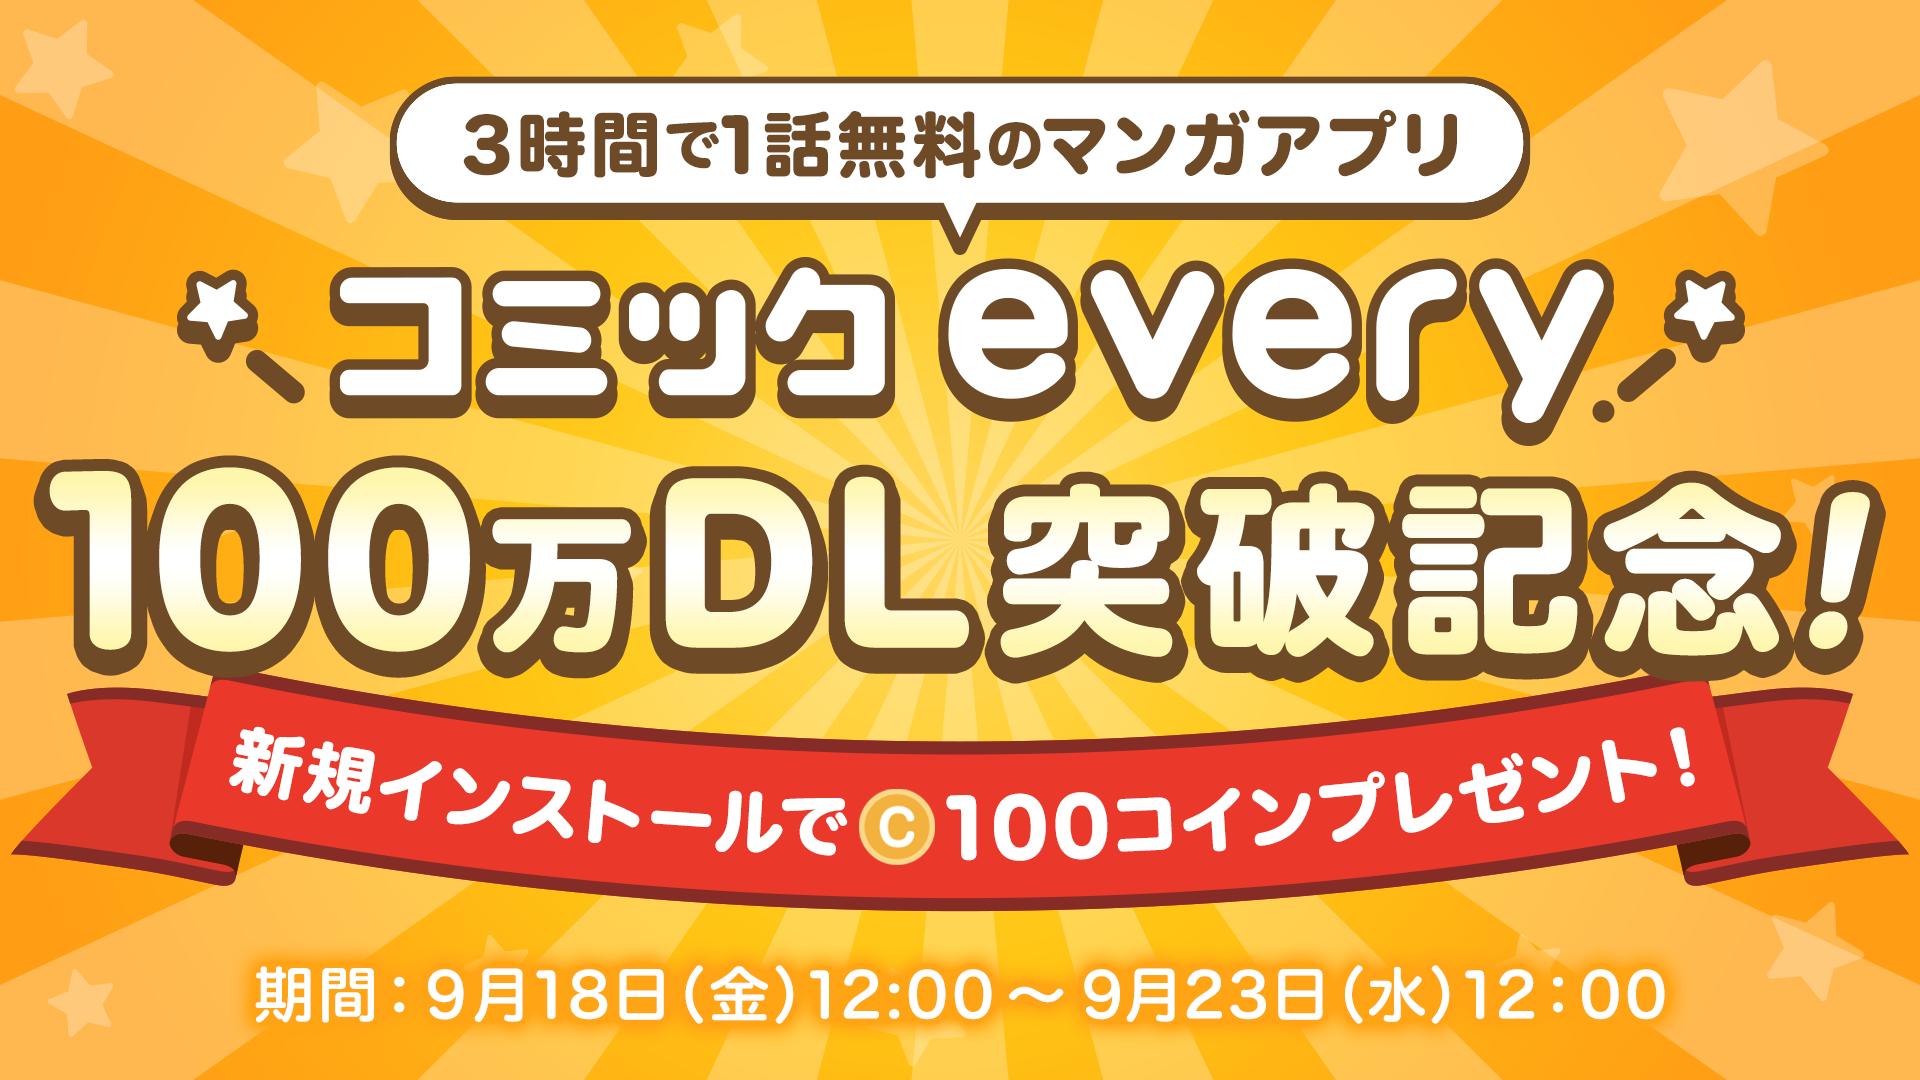 3時間で1話無料のマンガアプリ『コミックevery』100万DL突破記念! 新規インストールで100コインプレゼント!